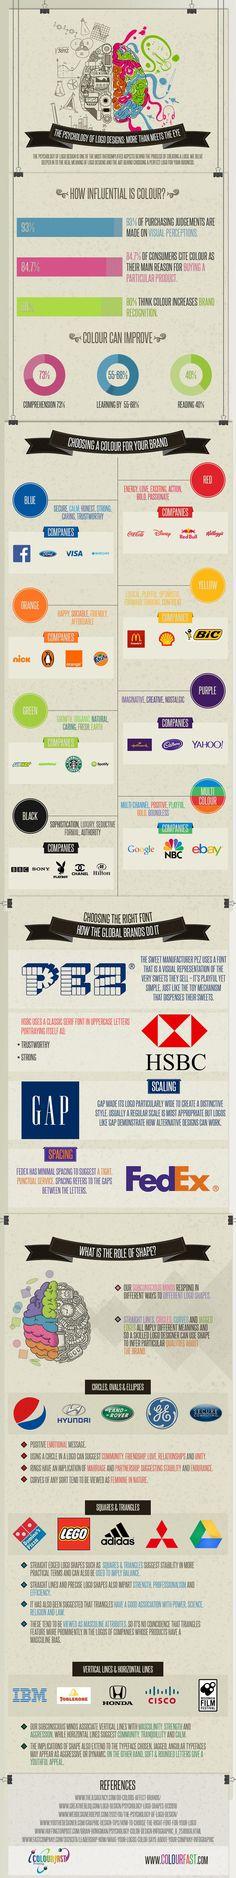 Interessante Infografik von Colourfast darüber, welchen Einfluss unterschiedliche Farben, Typographie und Designs auf die Wahrnehmung von Logos und die damit verbunden Unternehmen haben können.